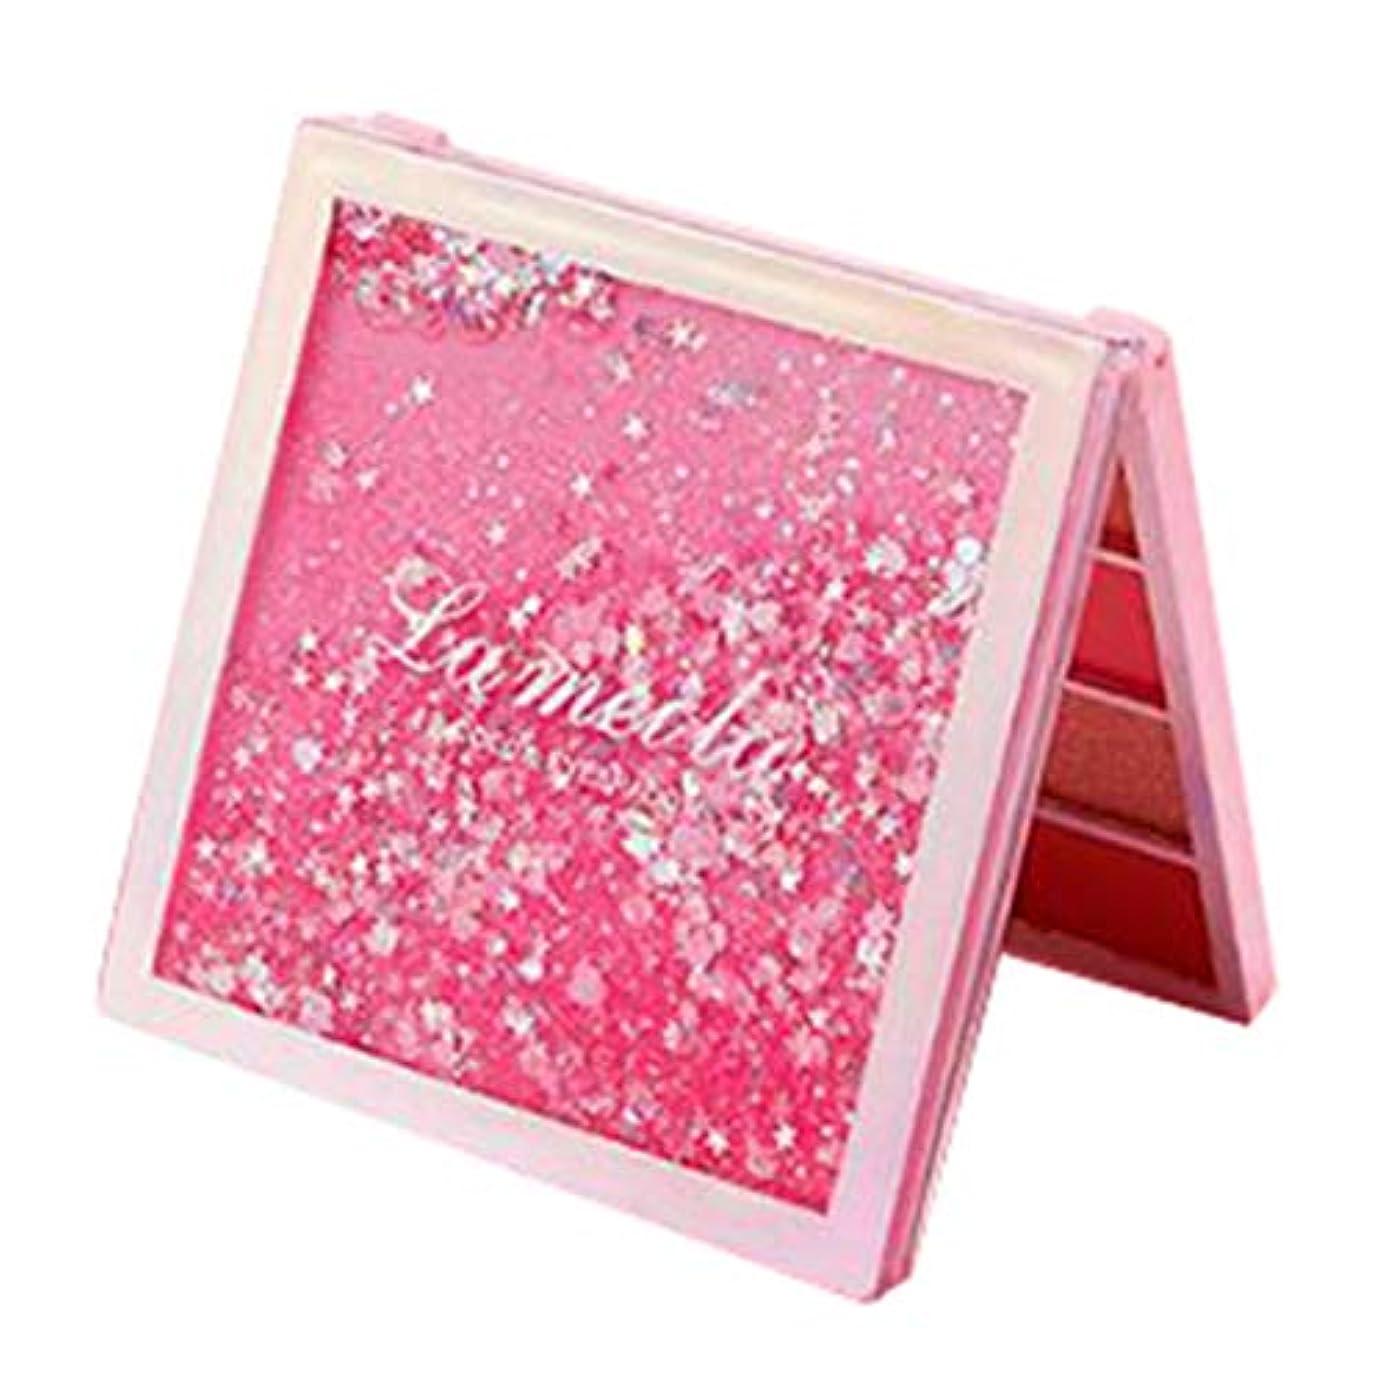 うまゴシップイブニング12色 アイシャドウ アイシャドウパレット メイクアップパレット マット キラキラ 色付けしやすい 長持ち 防水 - ピンク